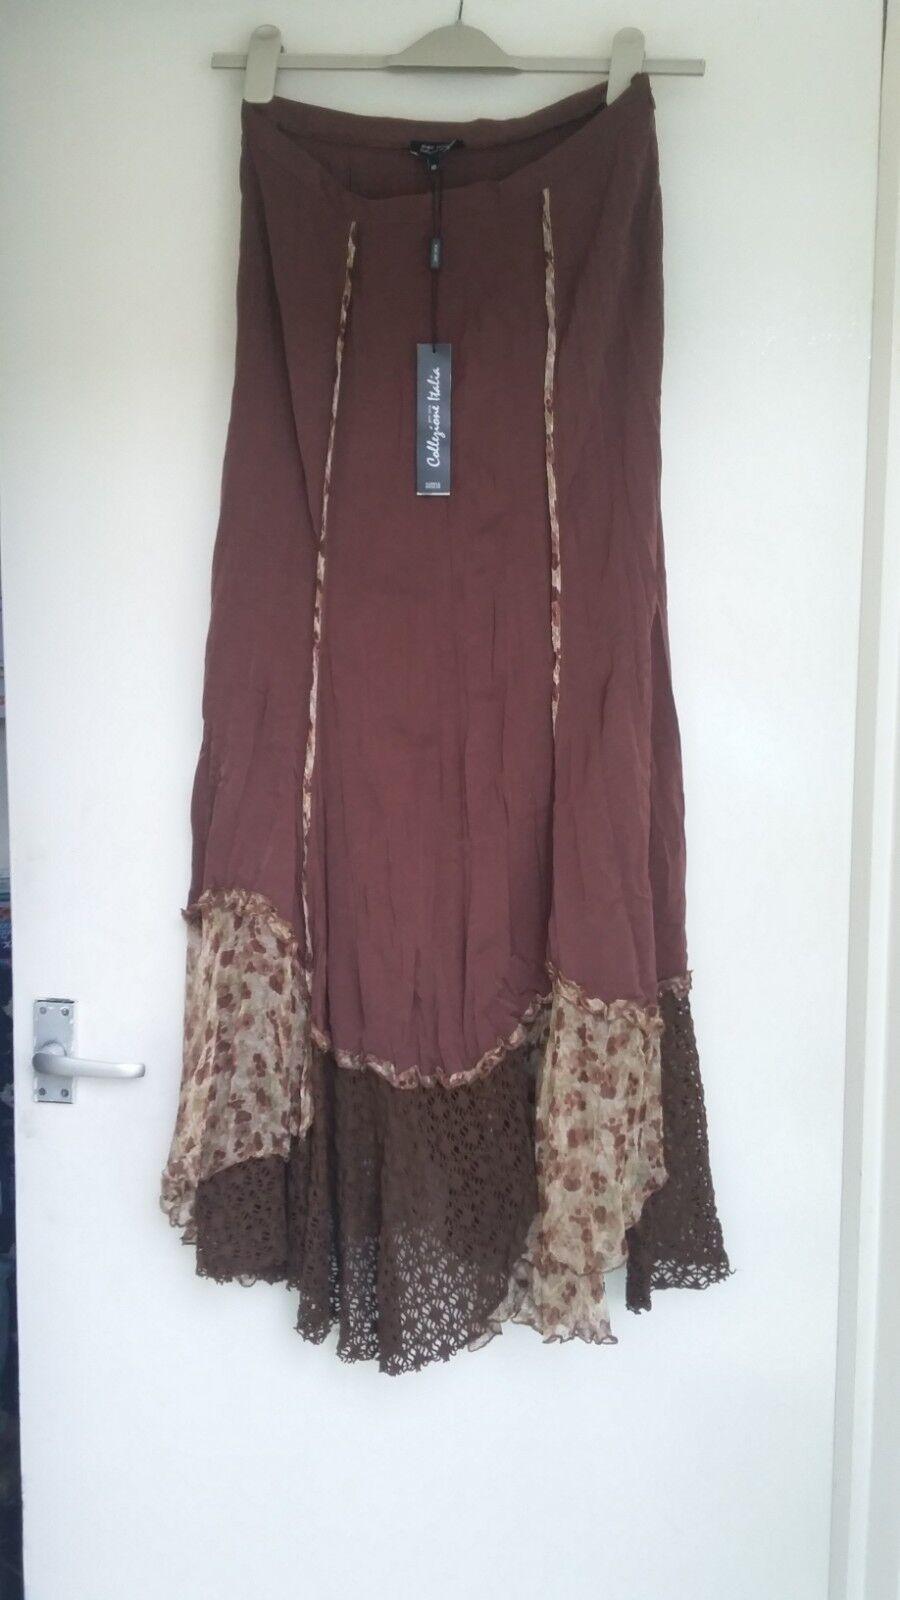 M&S Per Una Skirt Size 10  New w  Tags